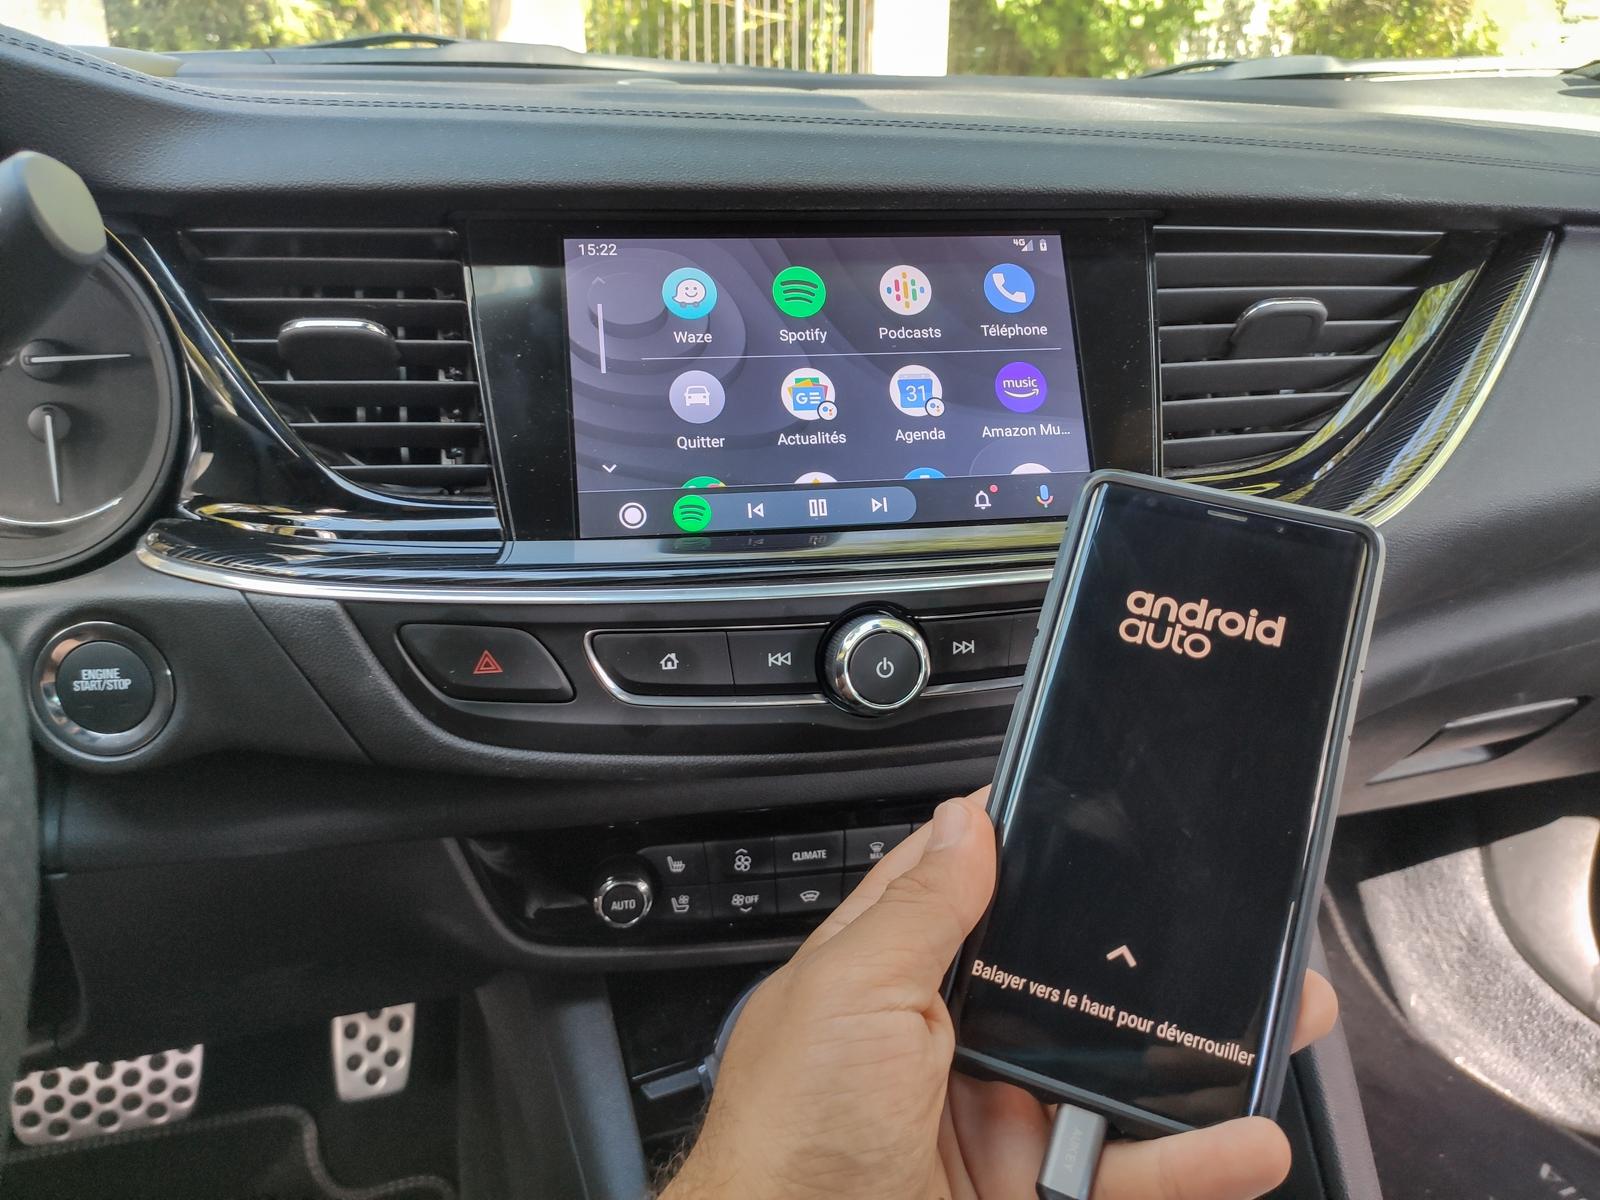 Android Auto : on a testé la nouvelle interface multimédia embarquée… et c'est (bien) mieux